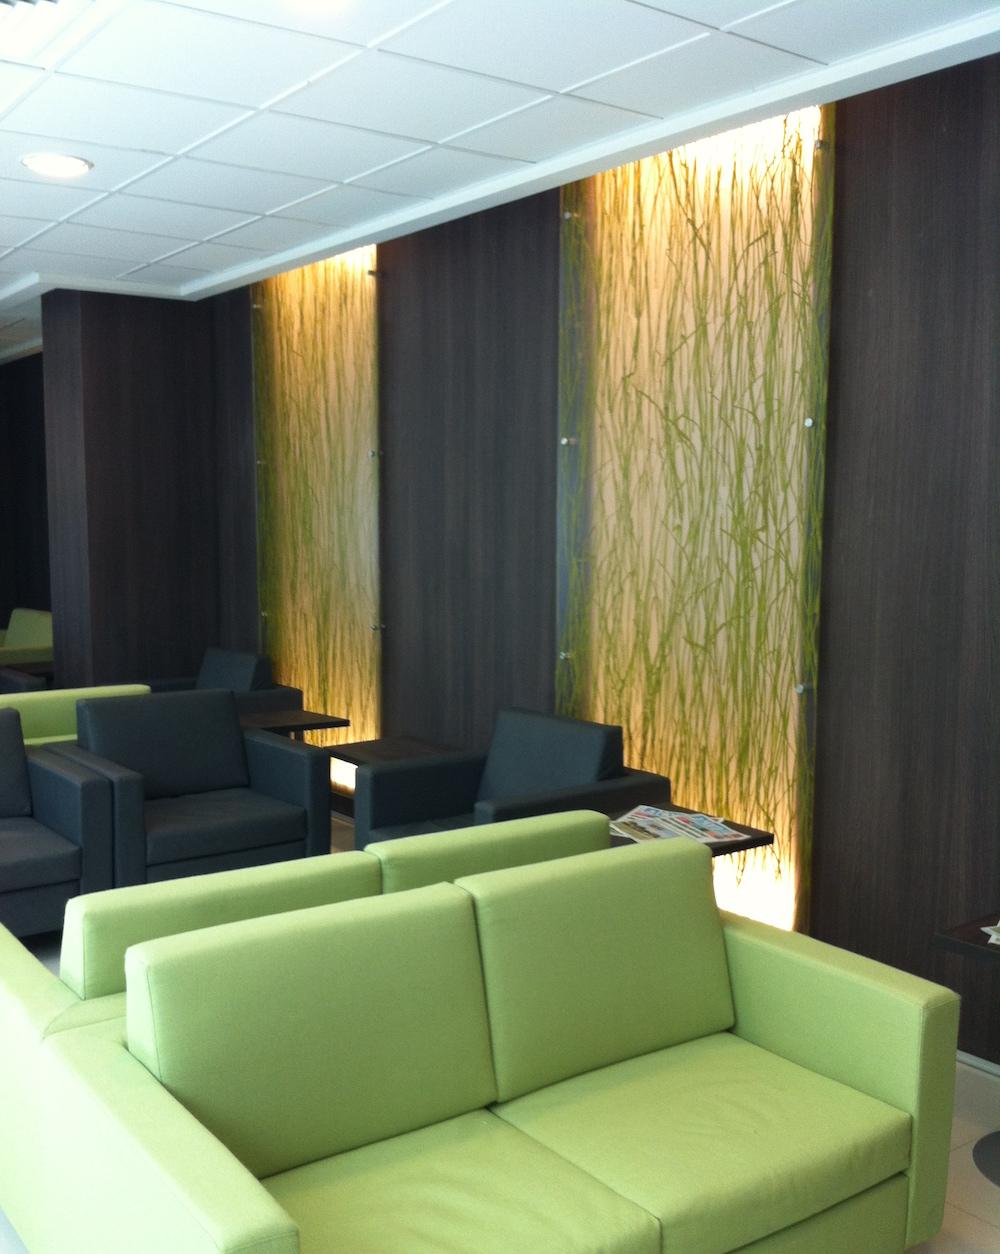 Sistema de Piso vinílicos en Clinica UC  Integral Design